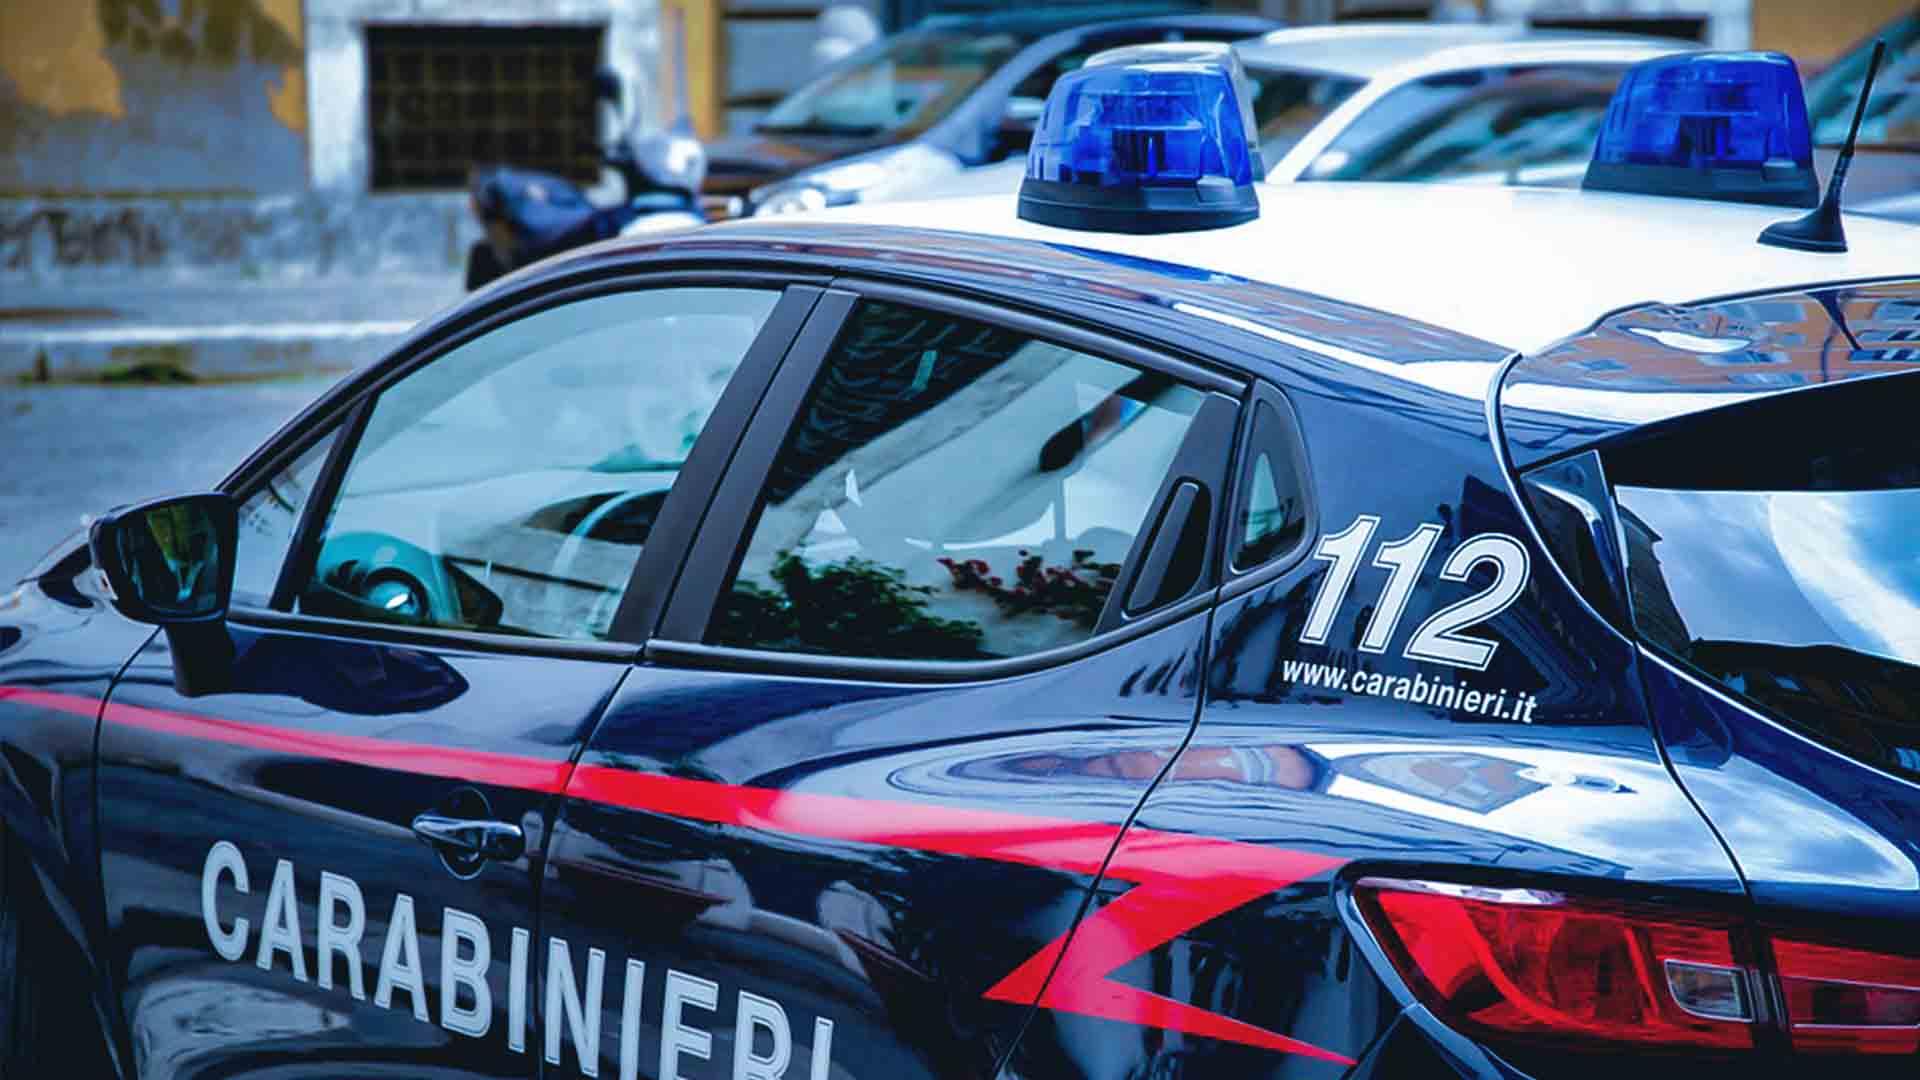 La vita del Carabiniere è costellata di sacrifici e contraddizioni